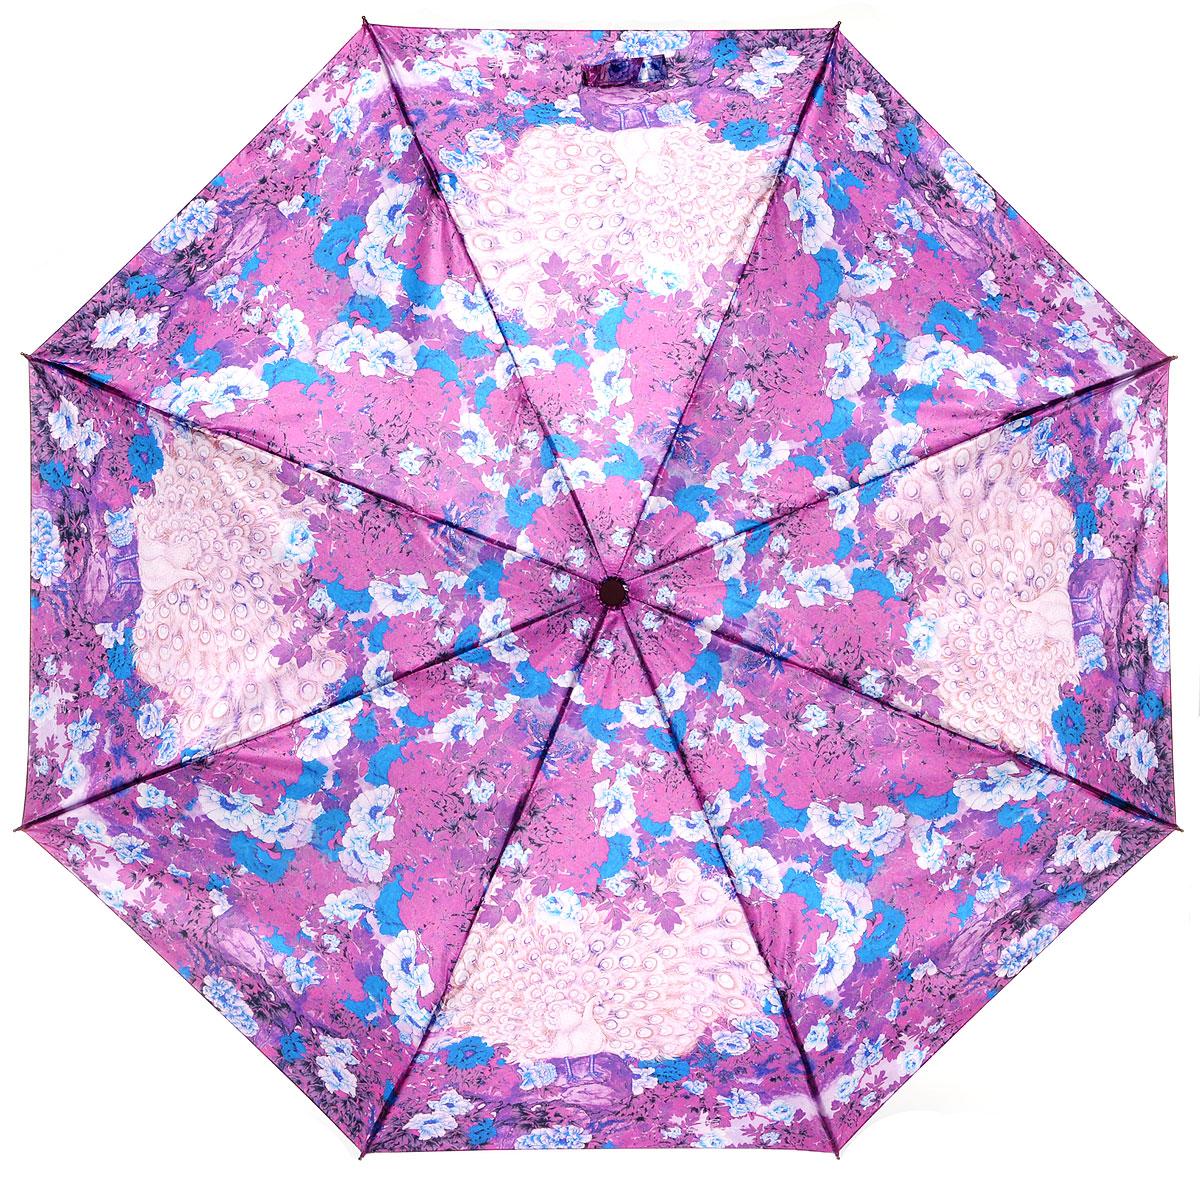 Зонт женский Eleganzza, автомат, 3 сложения, цвет: сиреневый. A3-05-0263LA3-05-0263LСтильный и элегантный зонт Eleganzza не оставит вас незамеченной. Зонт оформлен оригинальным принтом. Зонт состоит из восьми спиц и стержня, изготовленных из стали и фибергласса. Купол выполнен из качественного полиэстера, который не пропускает воду. Зонт дополнен удобной ручкой из пластика. Зонт имеет автоматический механизм сложения: купол открывается и закрывается нажатием кнопки на ручке, стержень складывается вручную до характерного щелчка, благодаря чему открыть и закрыть зонт можно одной рукой. Ручка дополнена петлей, благодаря которой зонт можно носить на запястье. К зонту прилагается чехол. Удобный и практичный аксессуар даже в ненастную погоду позволит вам оставаться женственной и привлекательной.